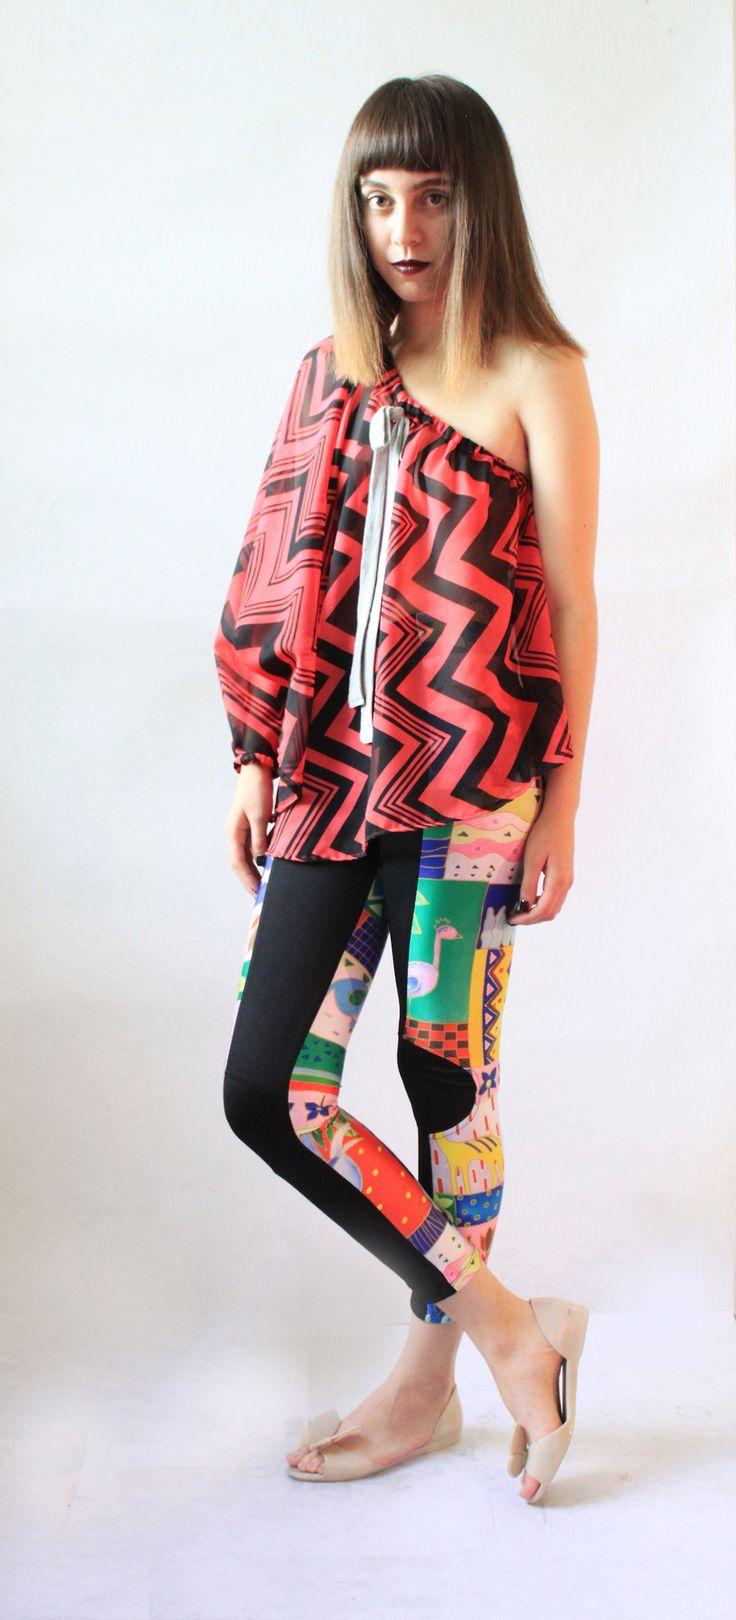 Genial blusa asimetrica de chiffón en grecas y los leggings más increibles, cómods y geniales!! Vestir cómoda no es un pretexto para no lucir cool!  Te gusta? pide el tuyo aquí! lo tenemos en una increible gama de textiles!www.kichink.com/stores/lacayo-pez #red #stripes #colors #leggings #oversize #amanzing #musthave #cool #unique #mexico #trend